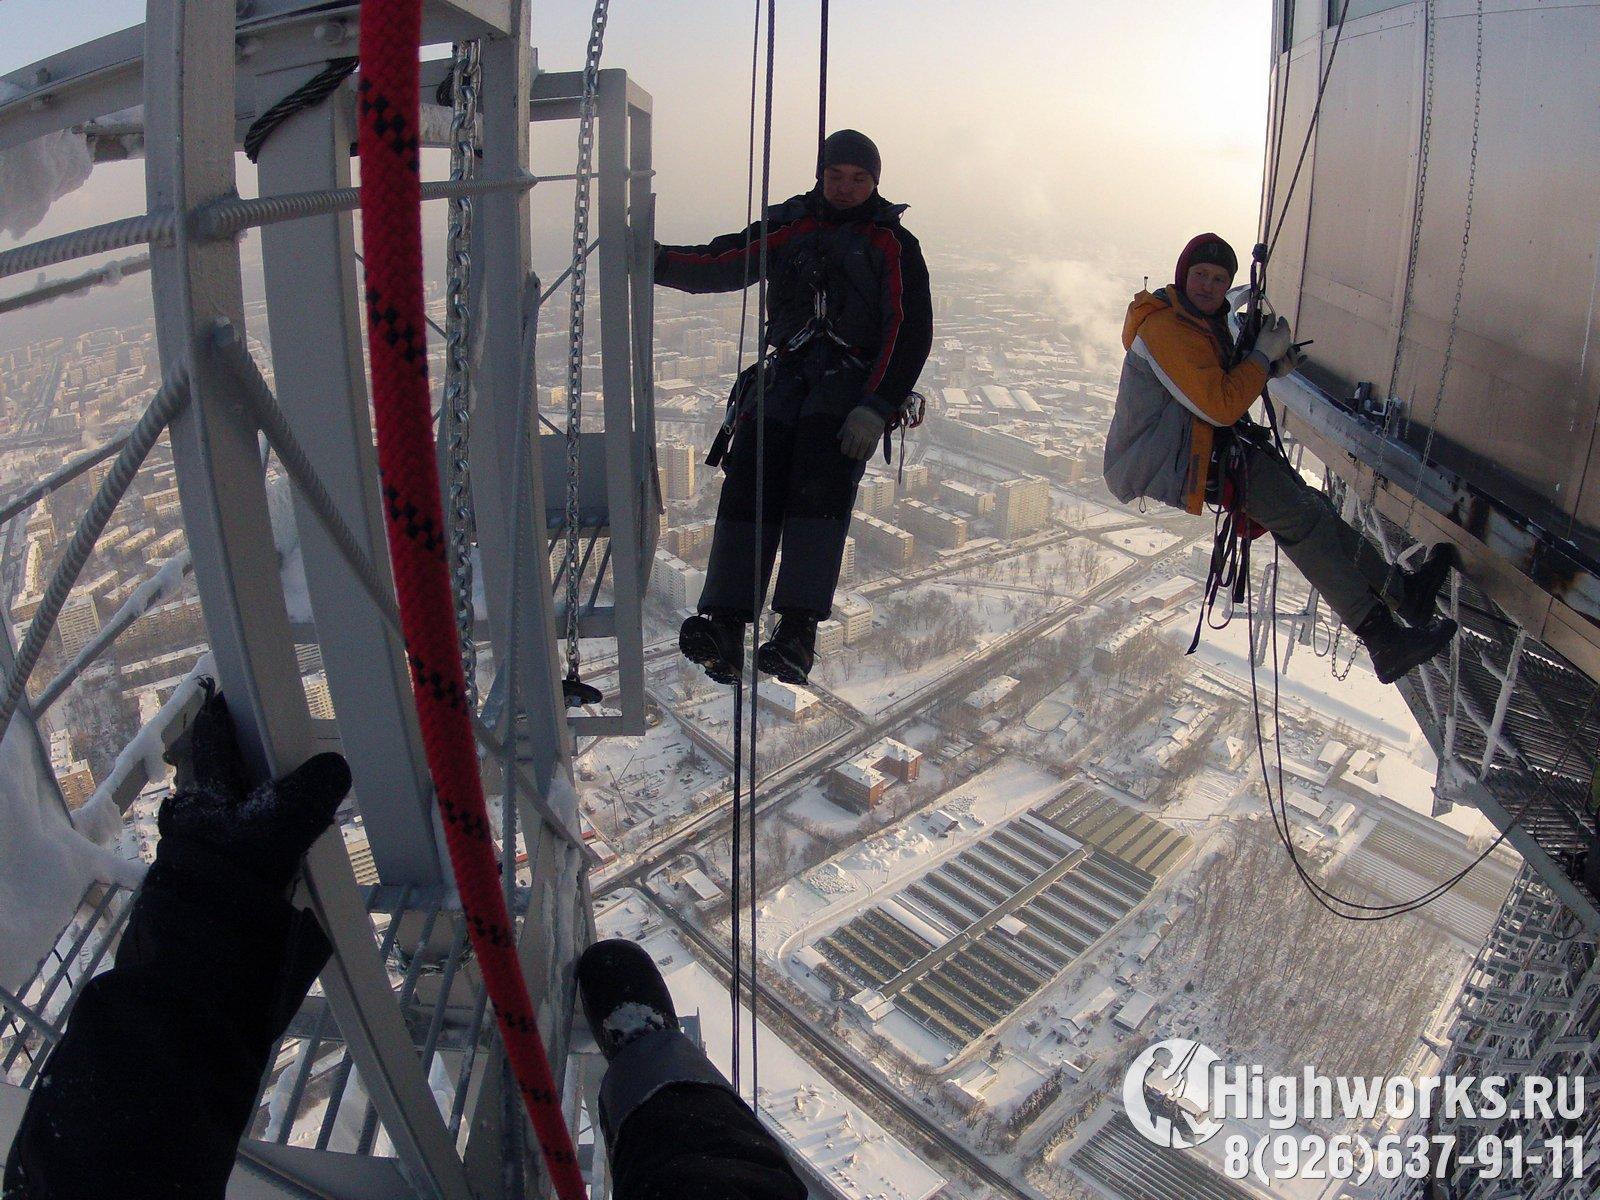 Электромонтажные работы промышленными альпинистами